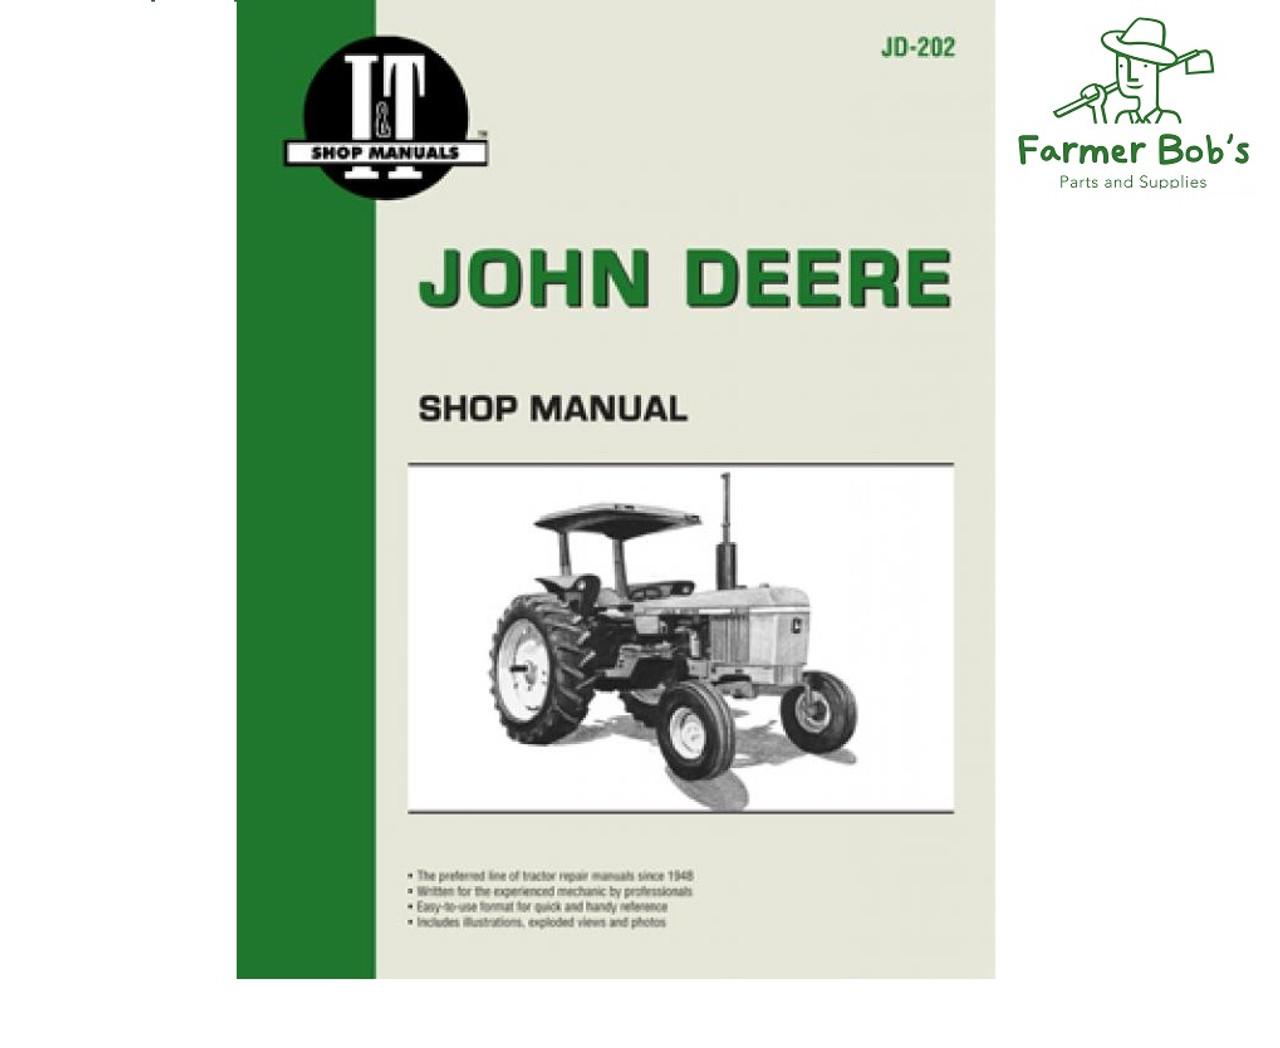 jd202 i u0026t shop manuals john deere 2510 2520 2040 2240  [ 1280 x 1048 Pixel ]